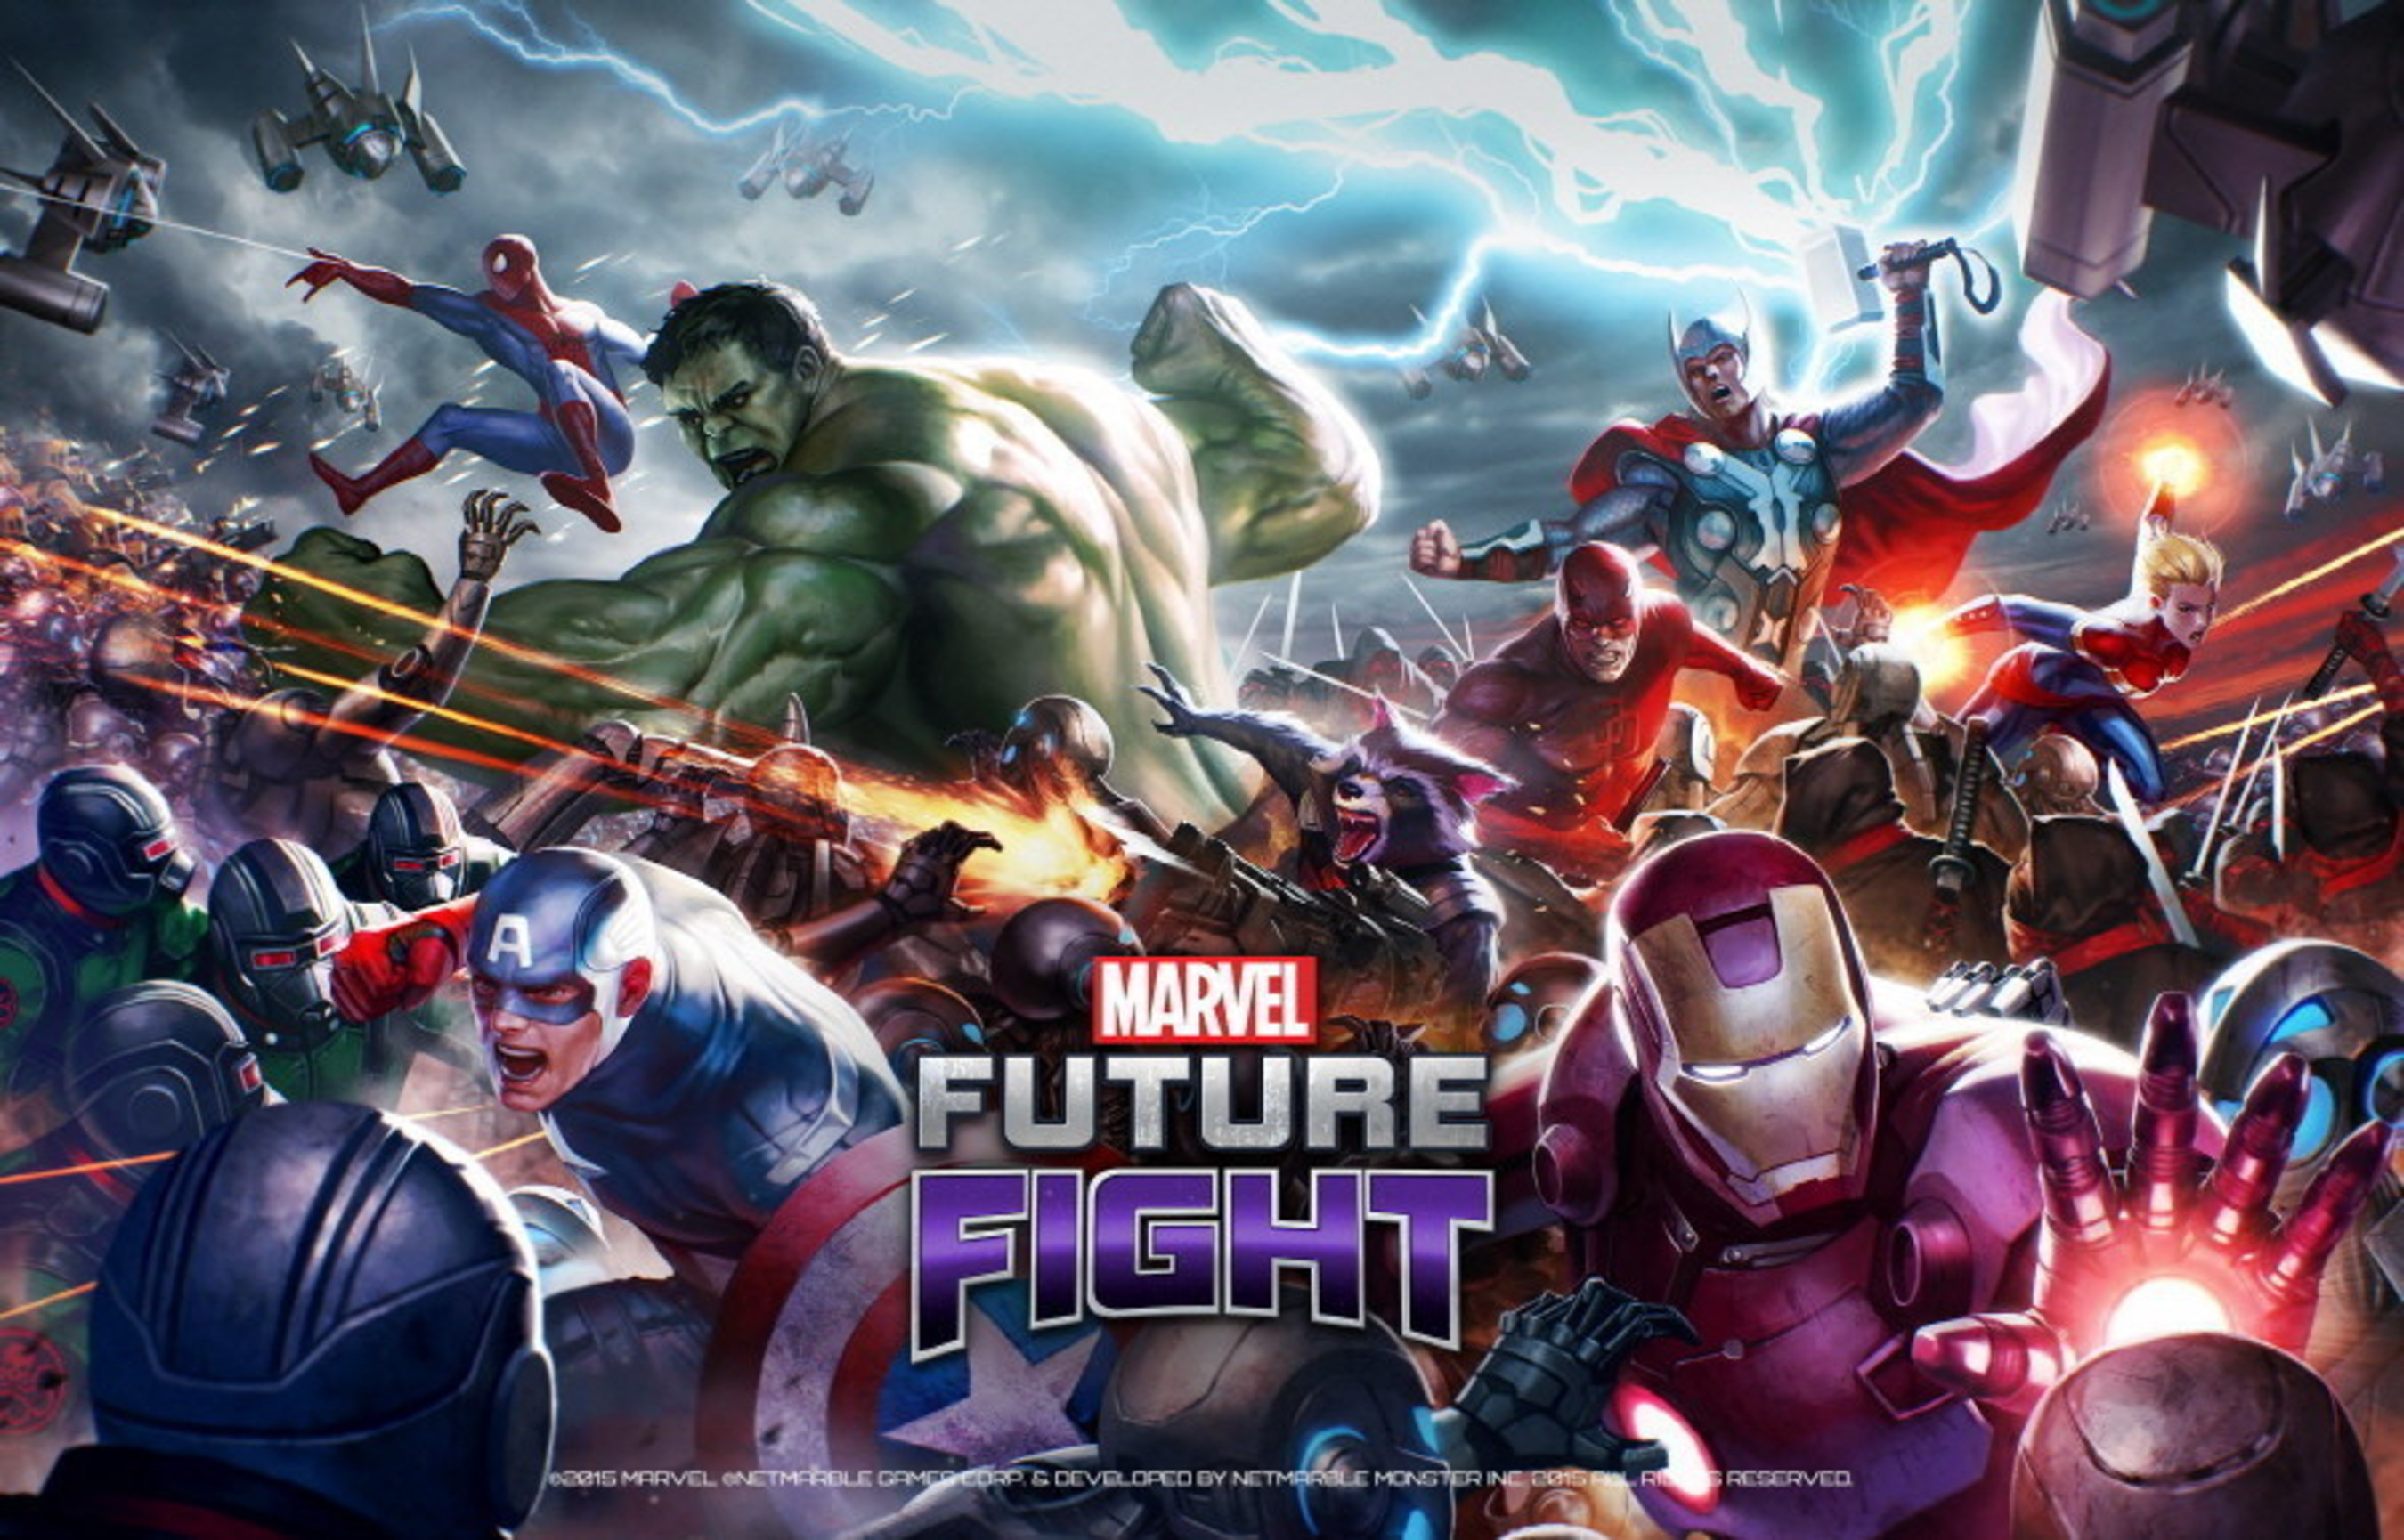 Gra Marvel Future Fight producenta Netmarble ma na koncie ponad 10 milionów pobrań na całym świecie